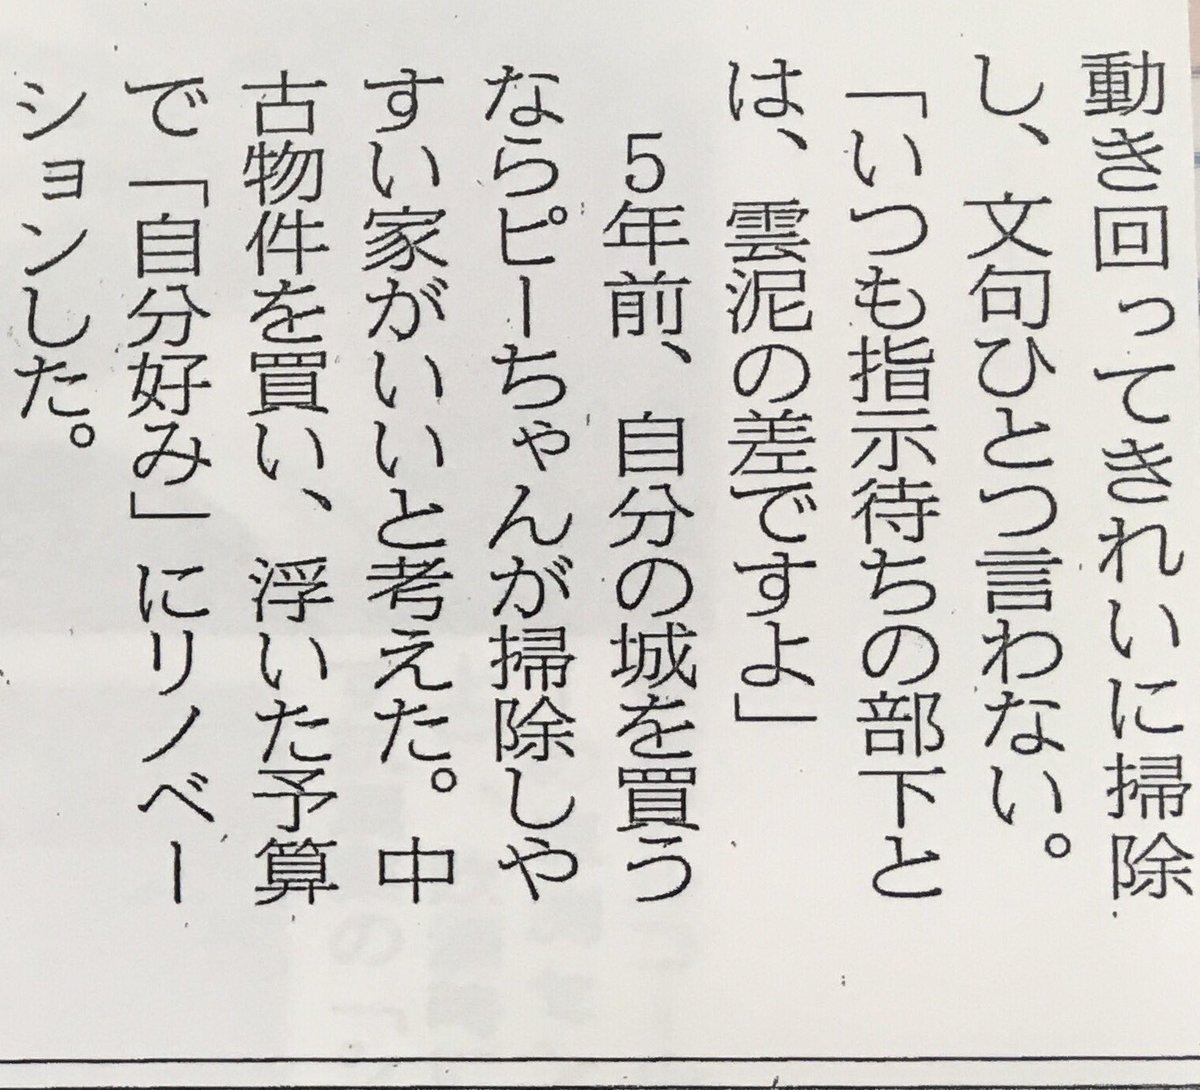 日経新聞に「独身女性の間で中古リノベ物件がブーム」という記事を見つけ、ペットのために自宅をリノベーションした女性が紹介されてたんだけど、よくよく読んだら衝撃の内容だった